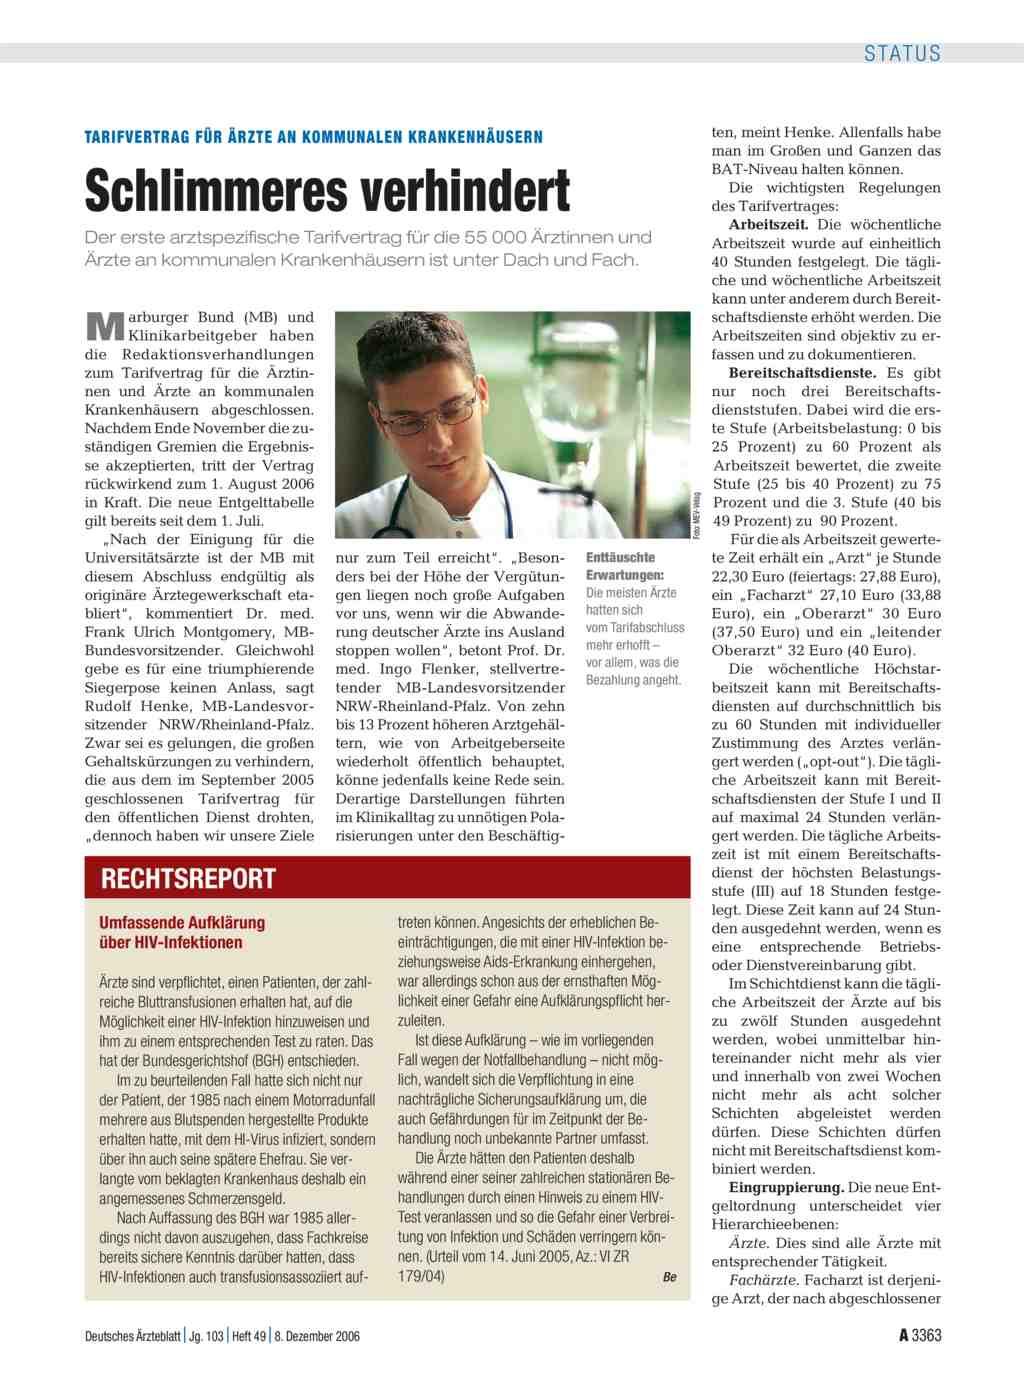 Tarifvertrag f r rzte an kommunalen krankenh usern for Medizin studieren schweiz